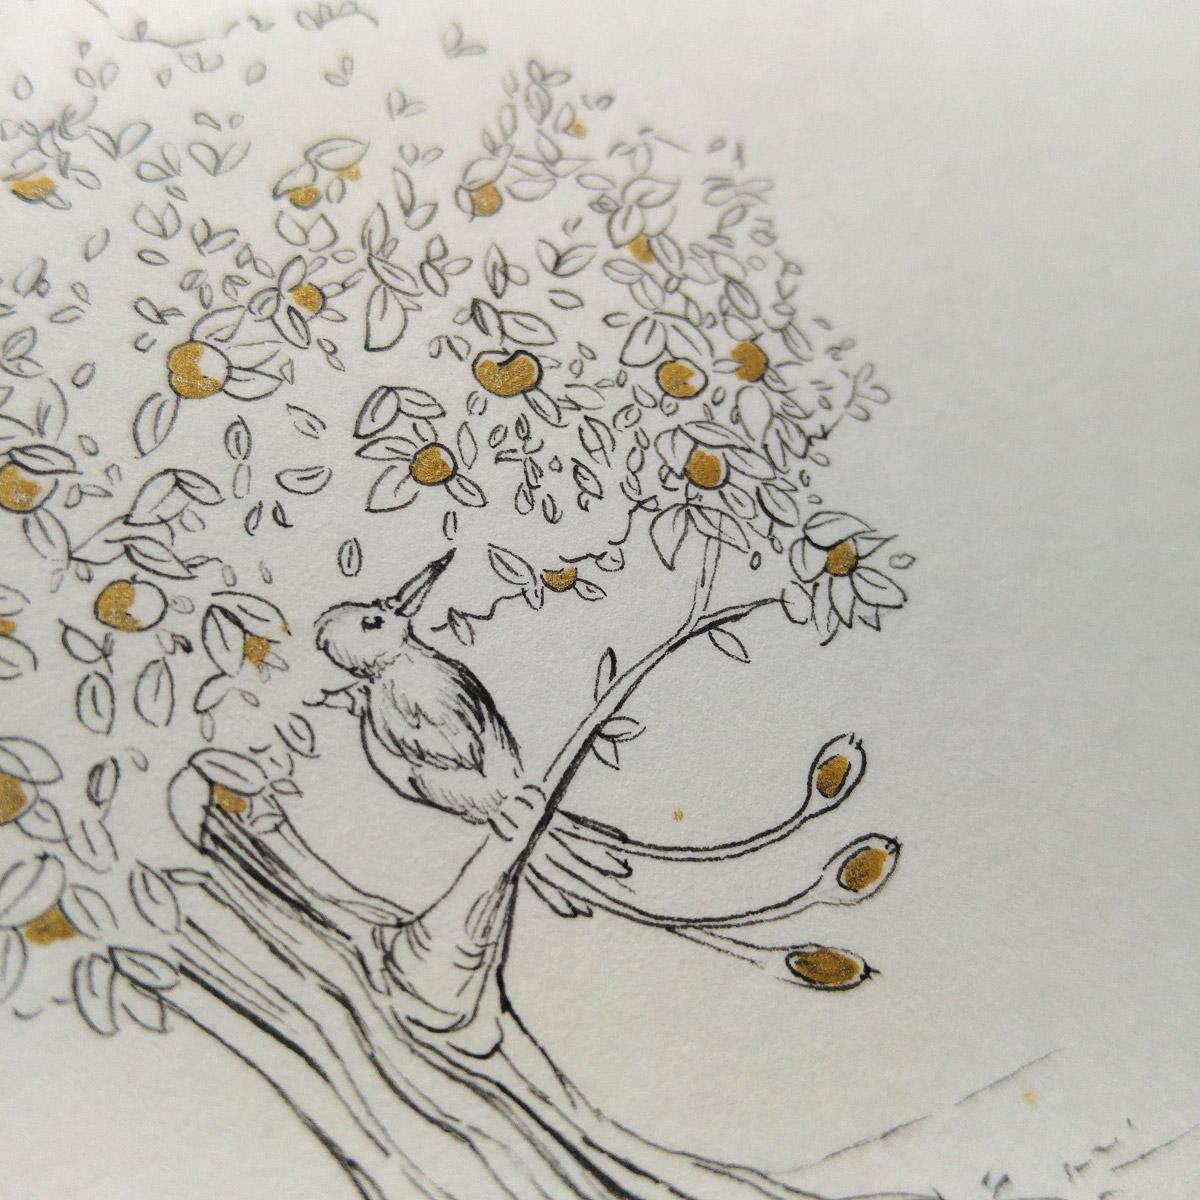 Der goldenen Vogel stahl des Nachts den goldenen Apfel vom Baum des Königs.